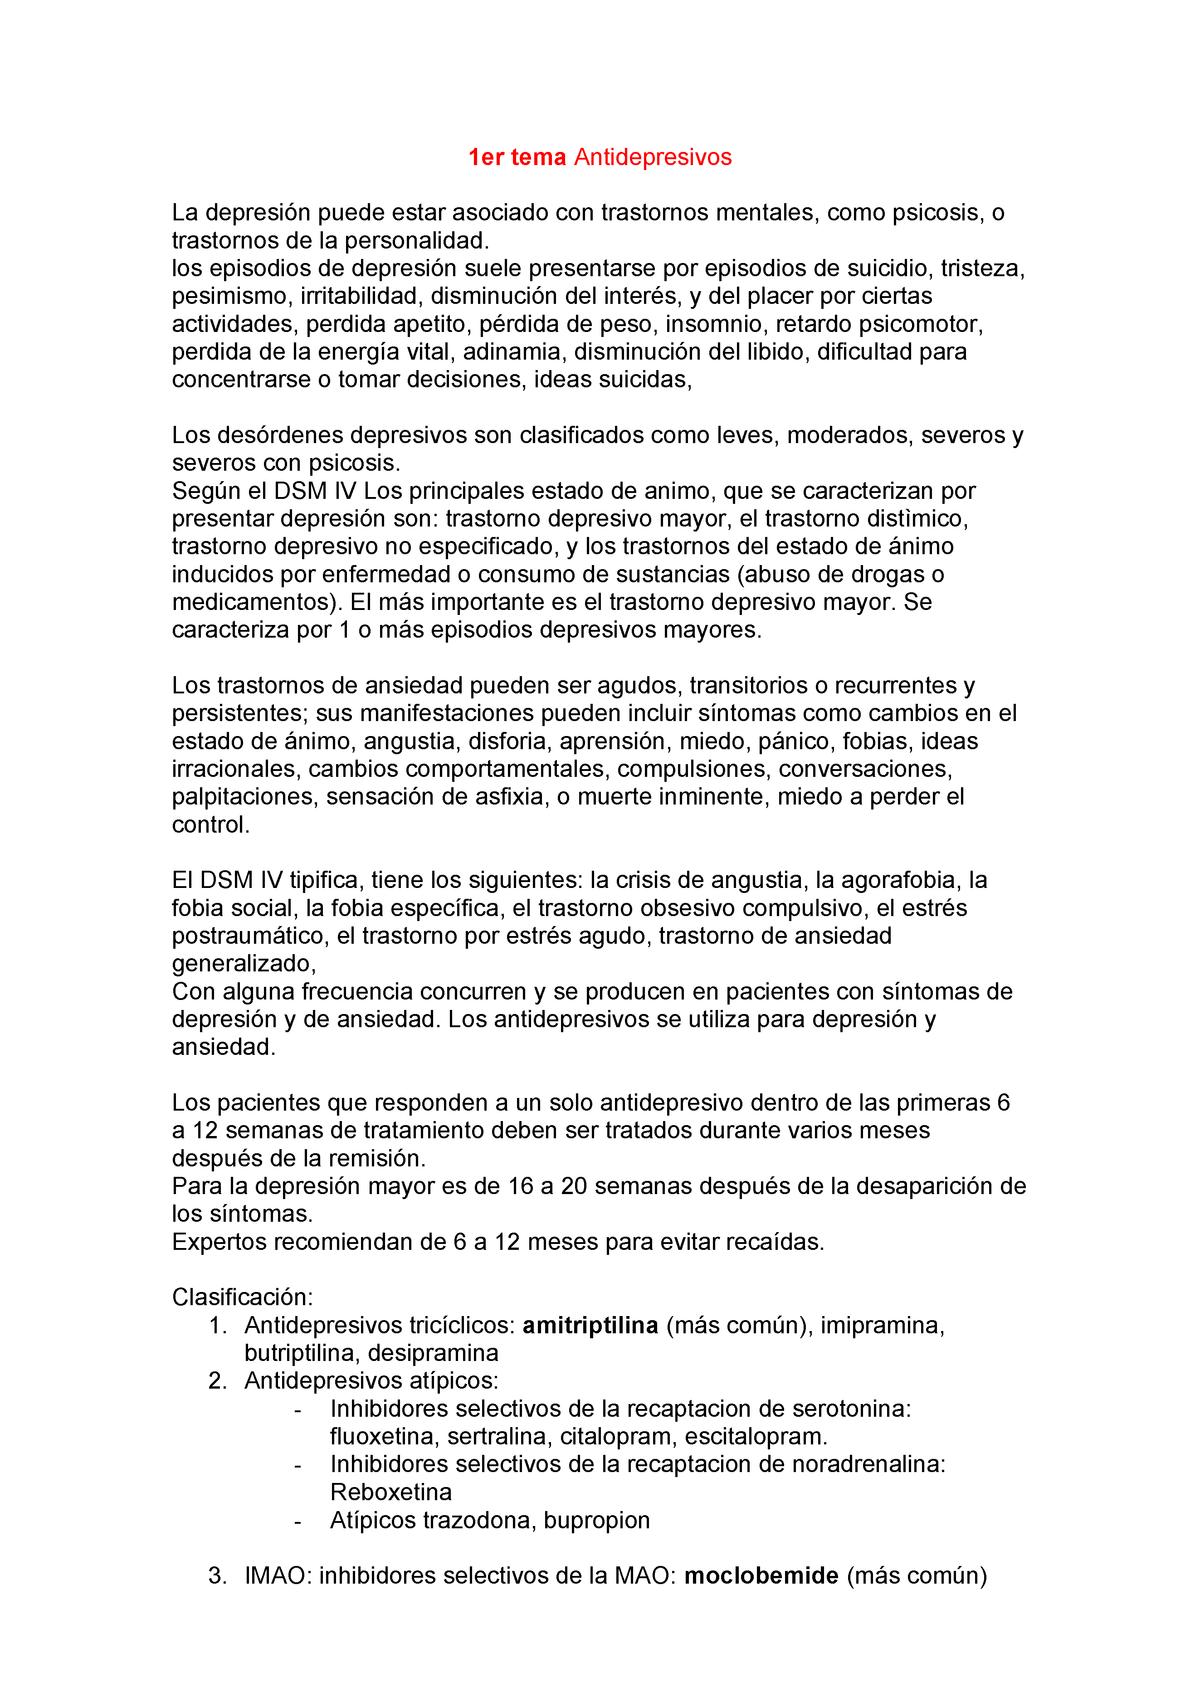 Fluoxetina perdida de peso buprenorfinam